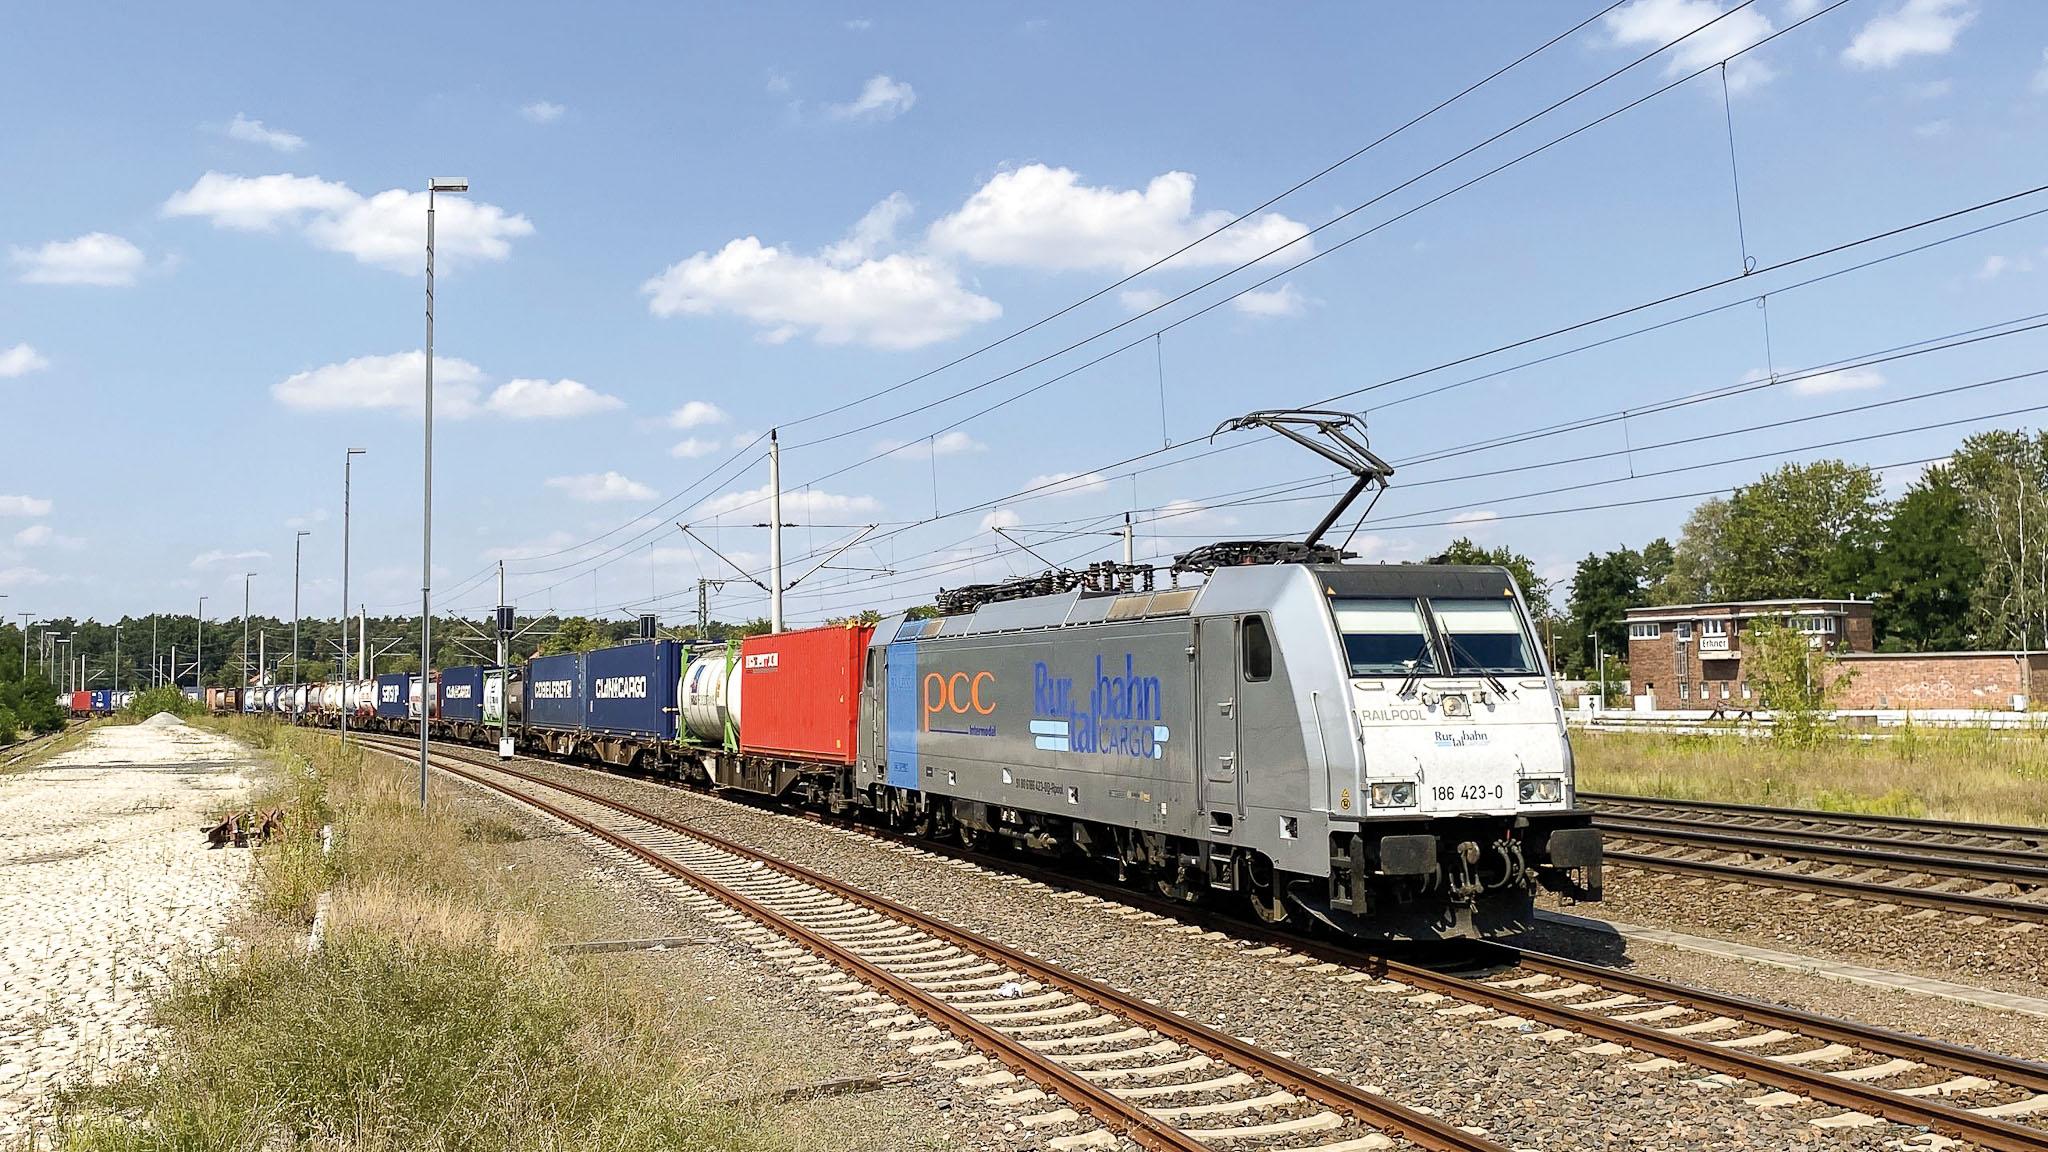 ©Foto: Marcel Langnickel   railmen   RAILPOOL 186423 im Einsatz für RTB Cargo mit einem PCC KLV-Zug in Erkner auf der Strecke Berlin-Frankfurt (Oder)